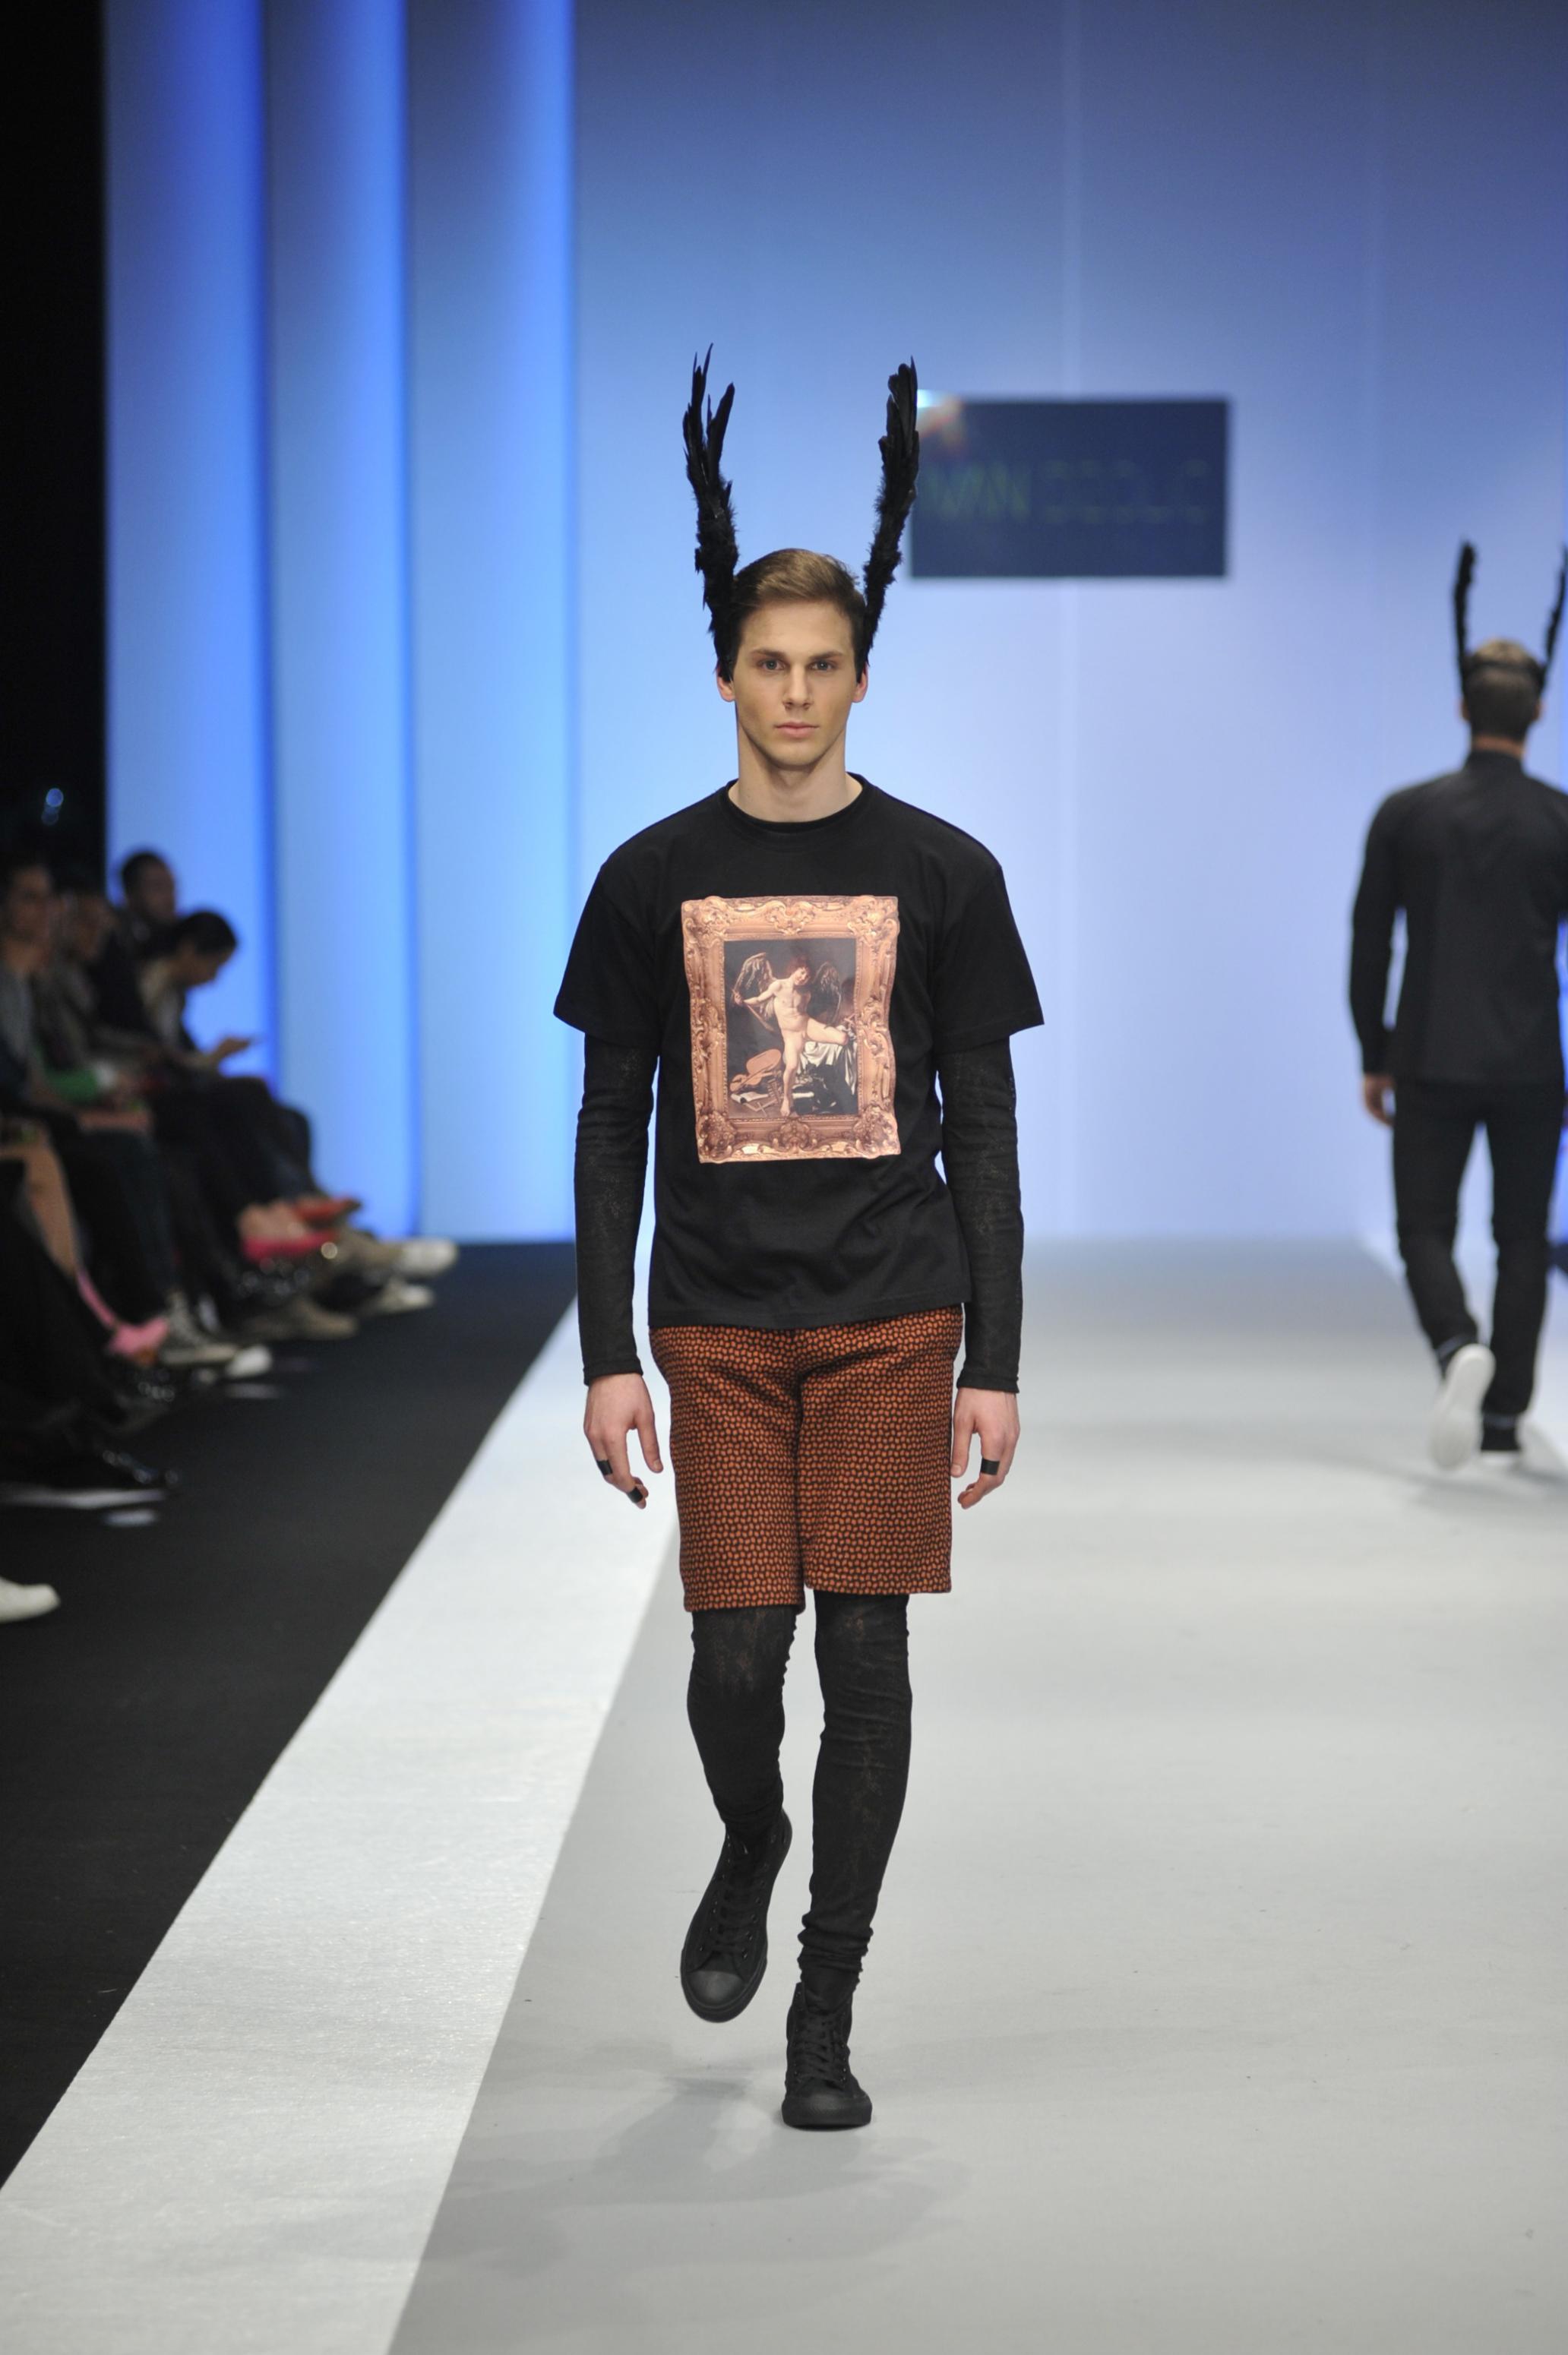 fall winter 2014 collection – Ivan Džolić